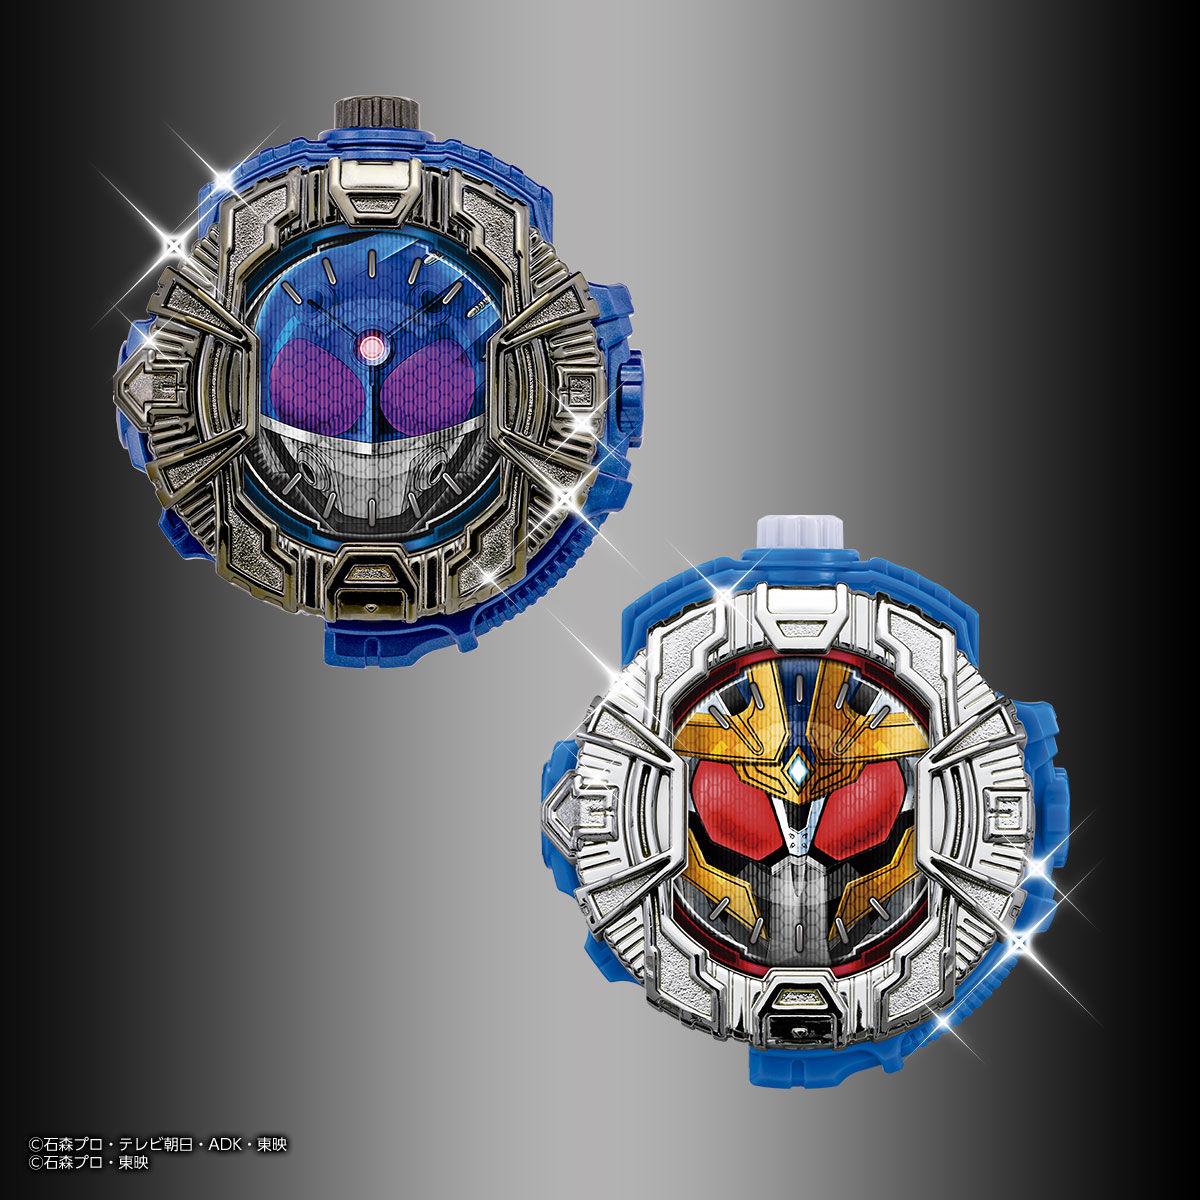 仮面ライダージオウ サウンドライドウォッチシリーズ『GPライドウォッチPB02』ガシャポン-004